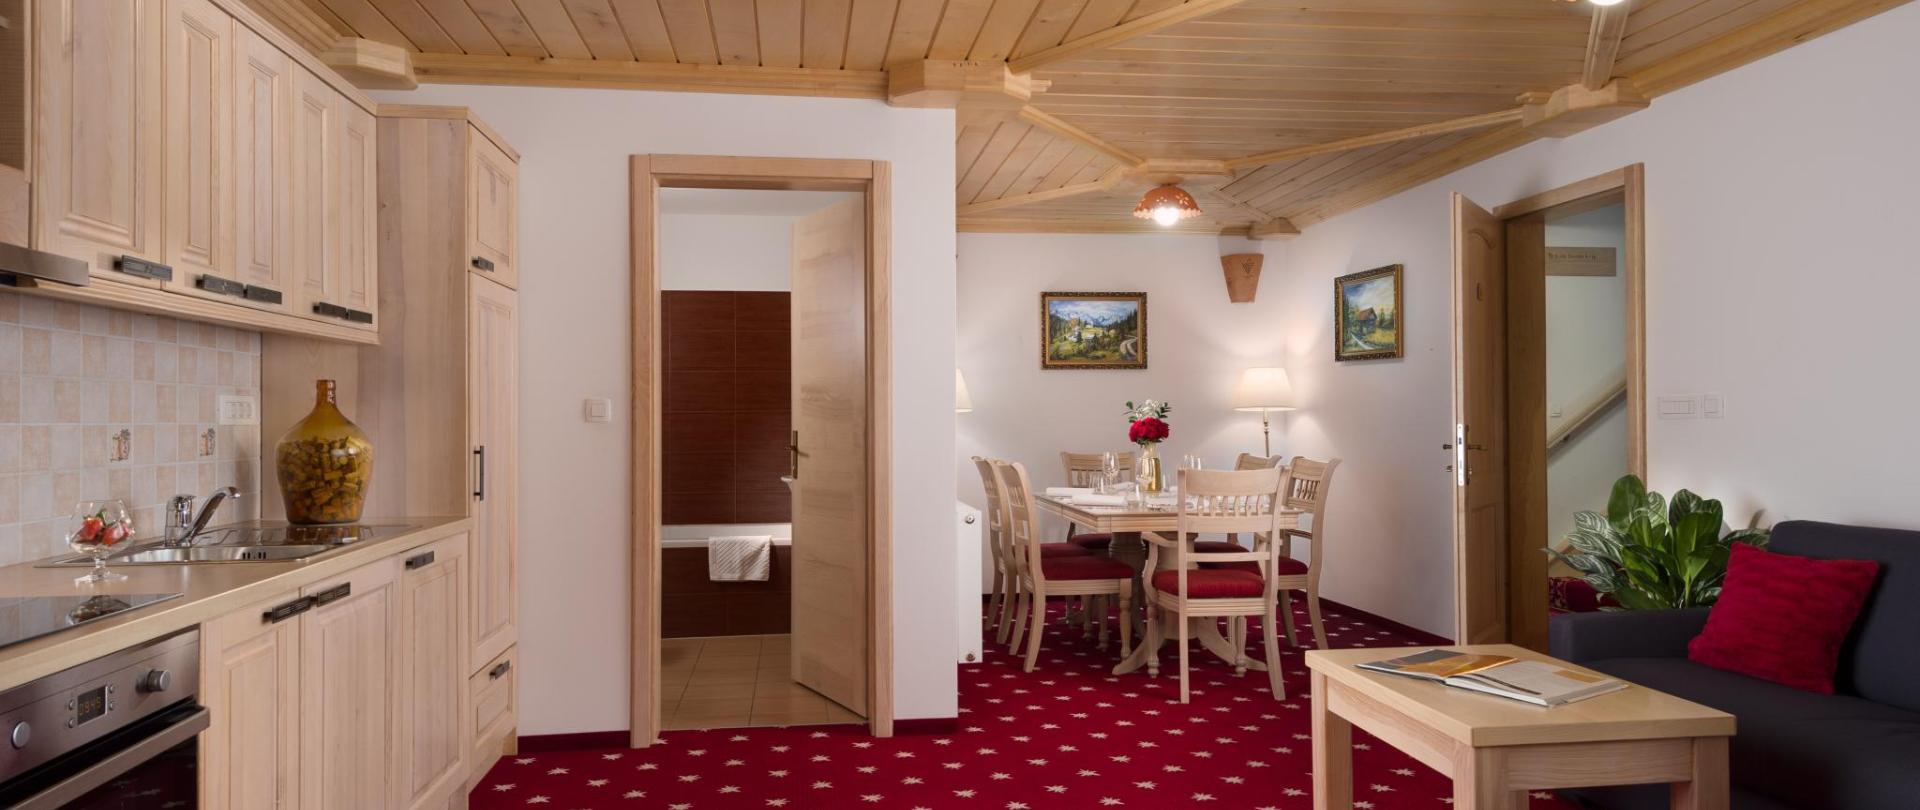 _DSC6785_Hotel_Planinka_Ljubno_foto_J_Marolt.jpg